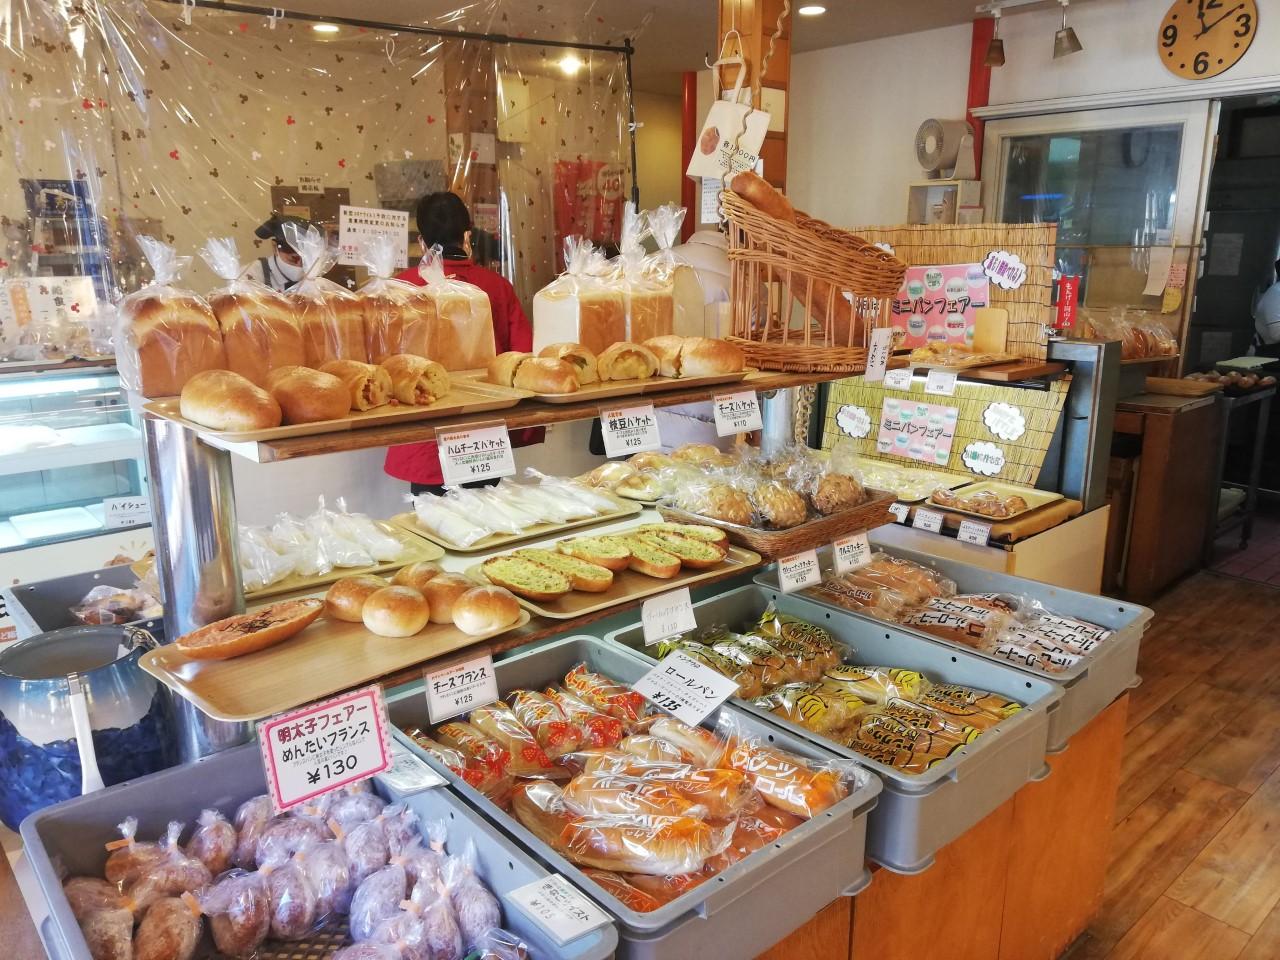 袋パン,岡山パン屋,トングウ